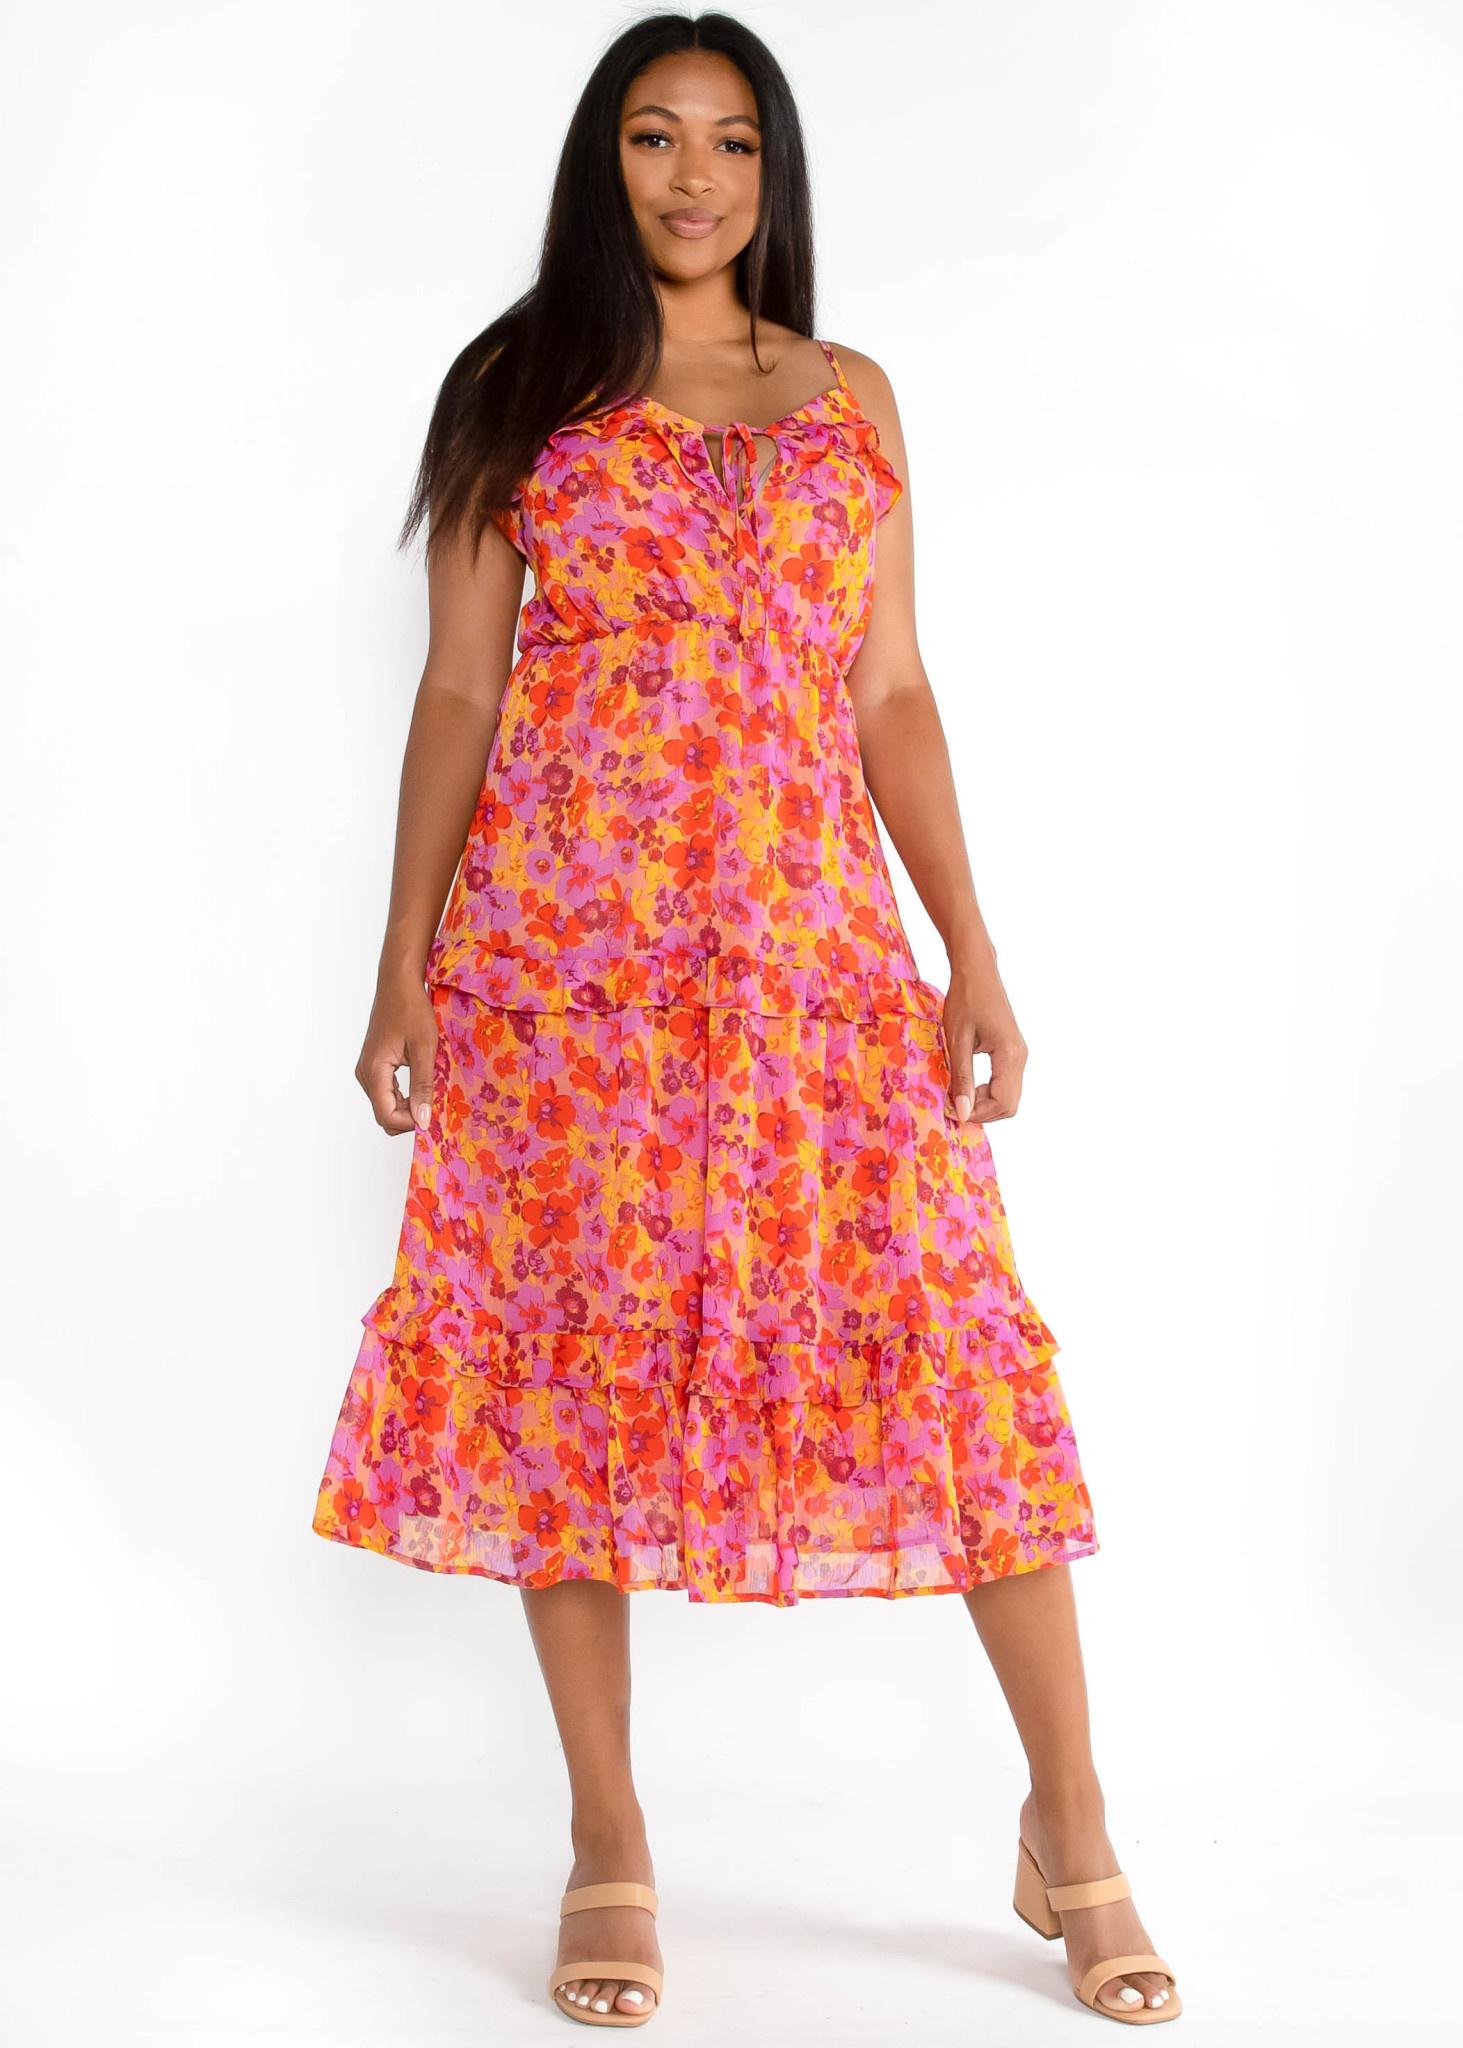 SUNSET IN SEVILLA FLORAL DRESS